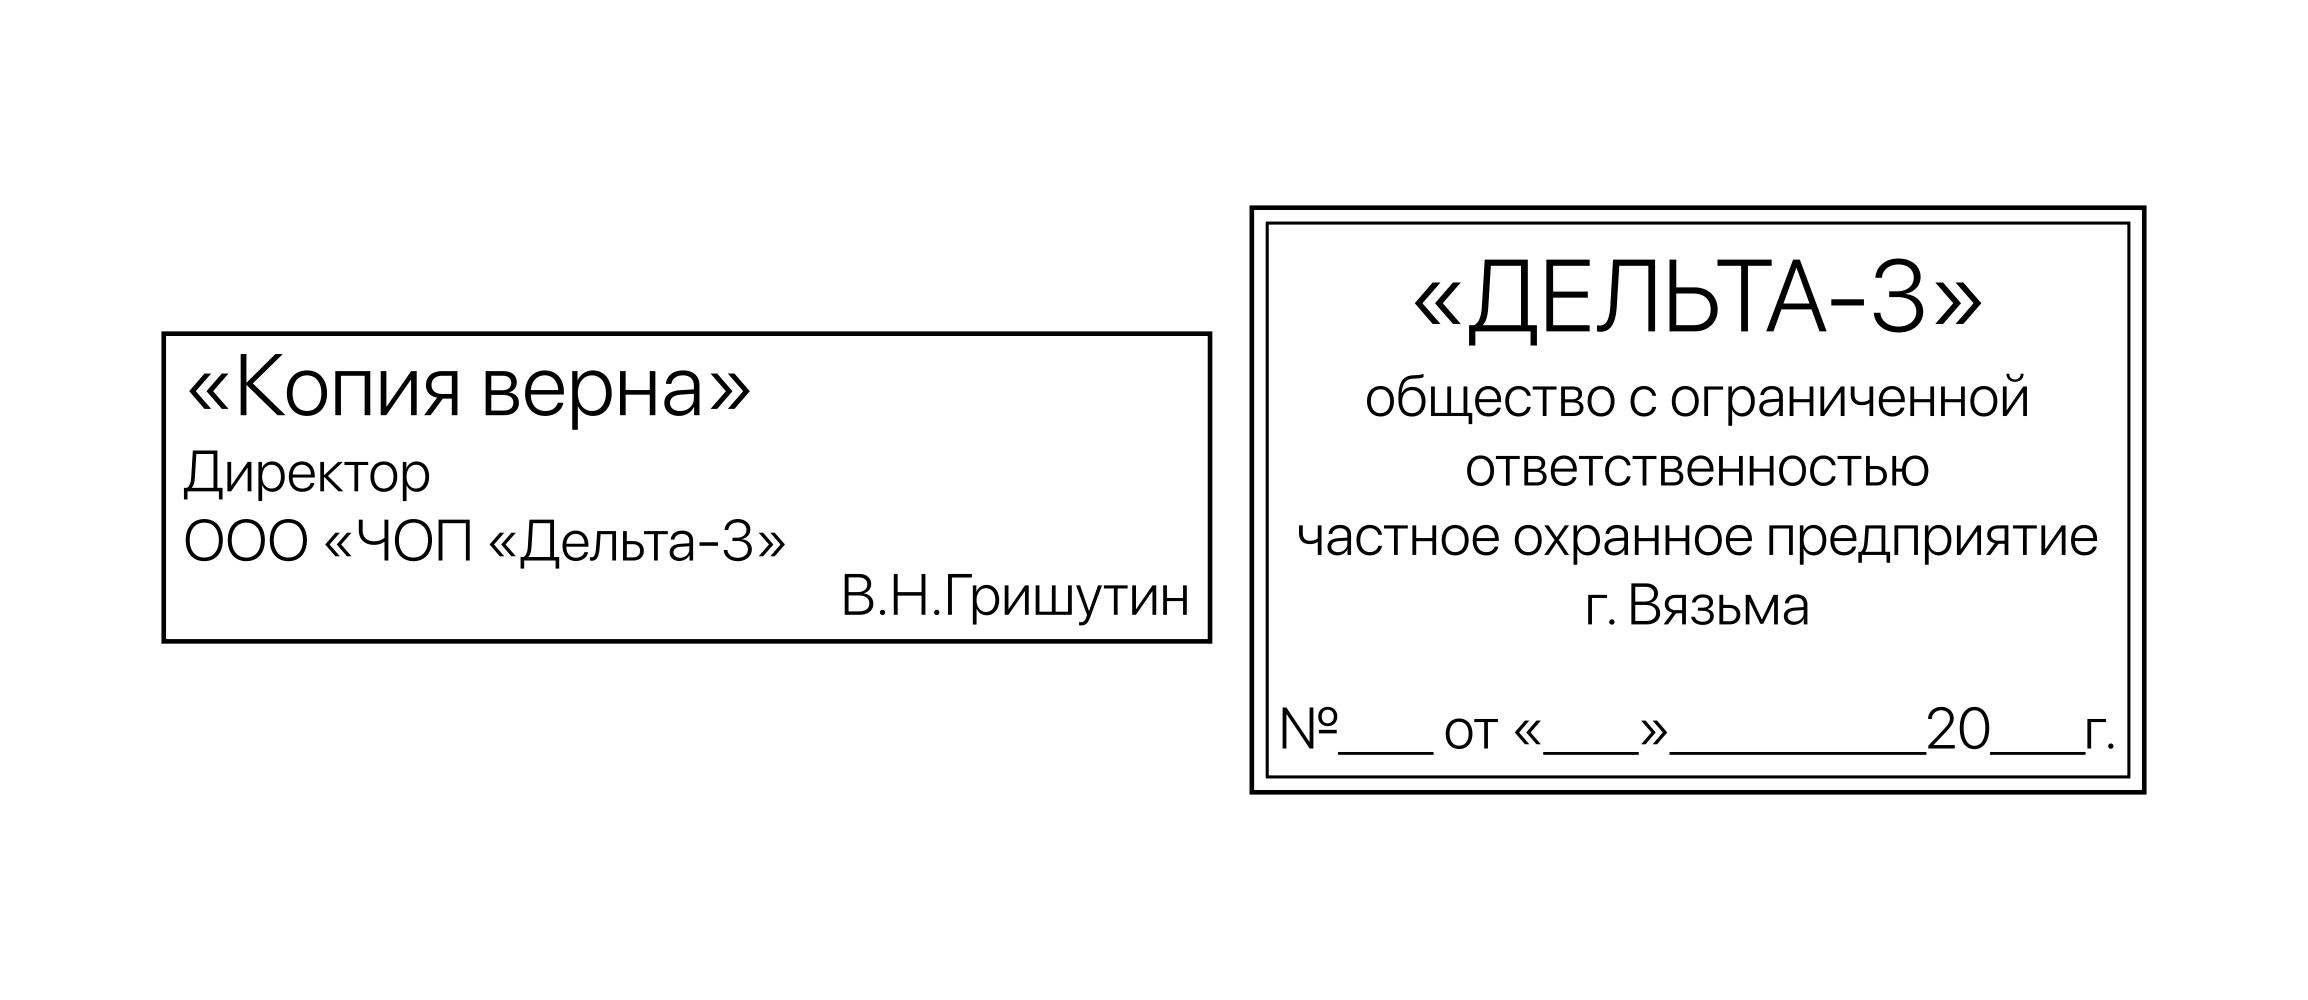 штампы смоленск